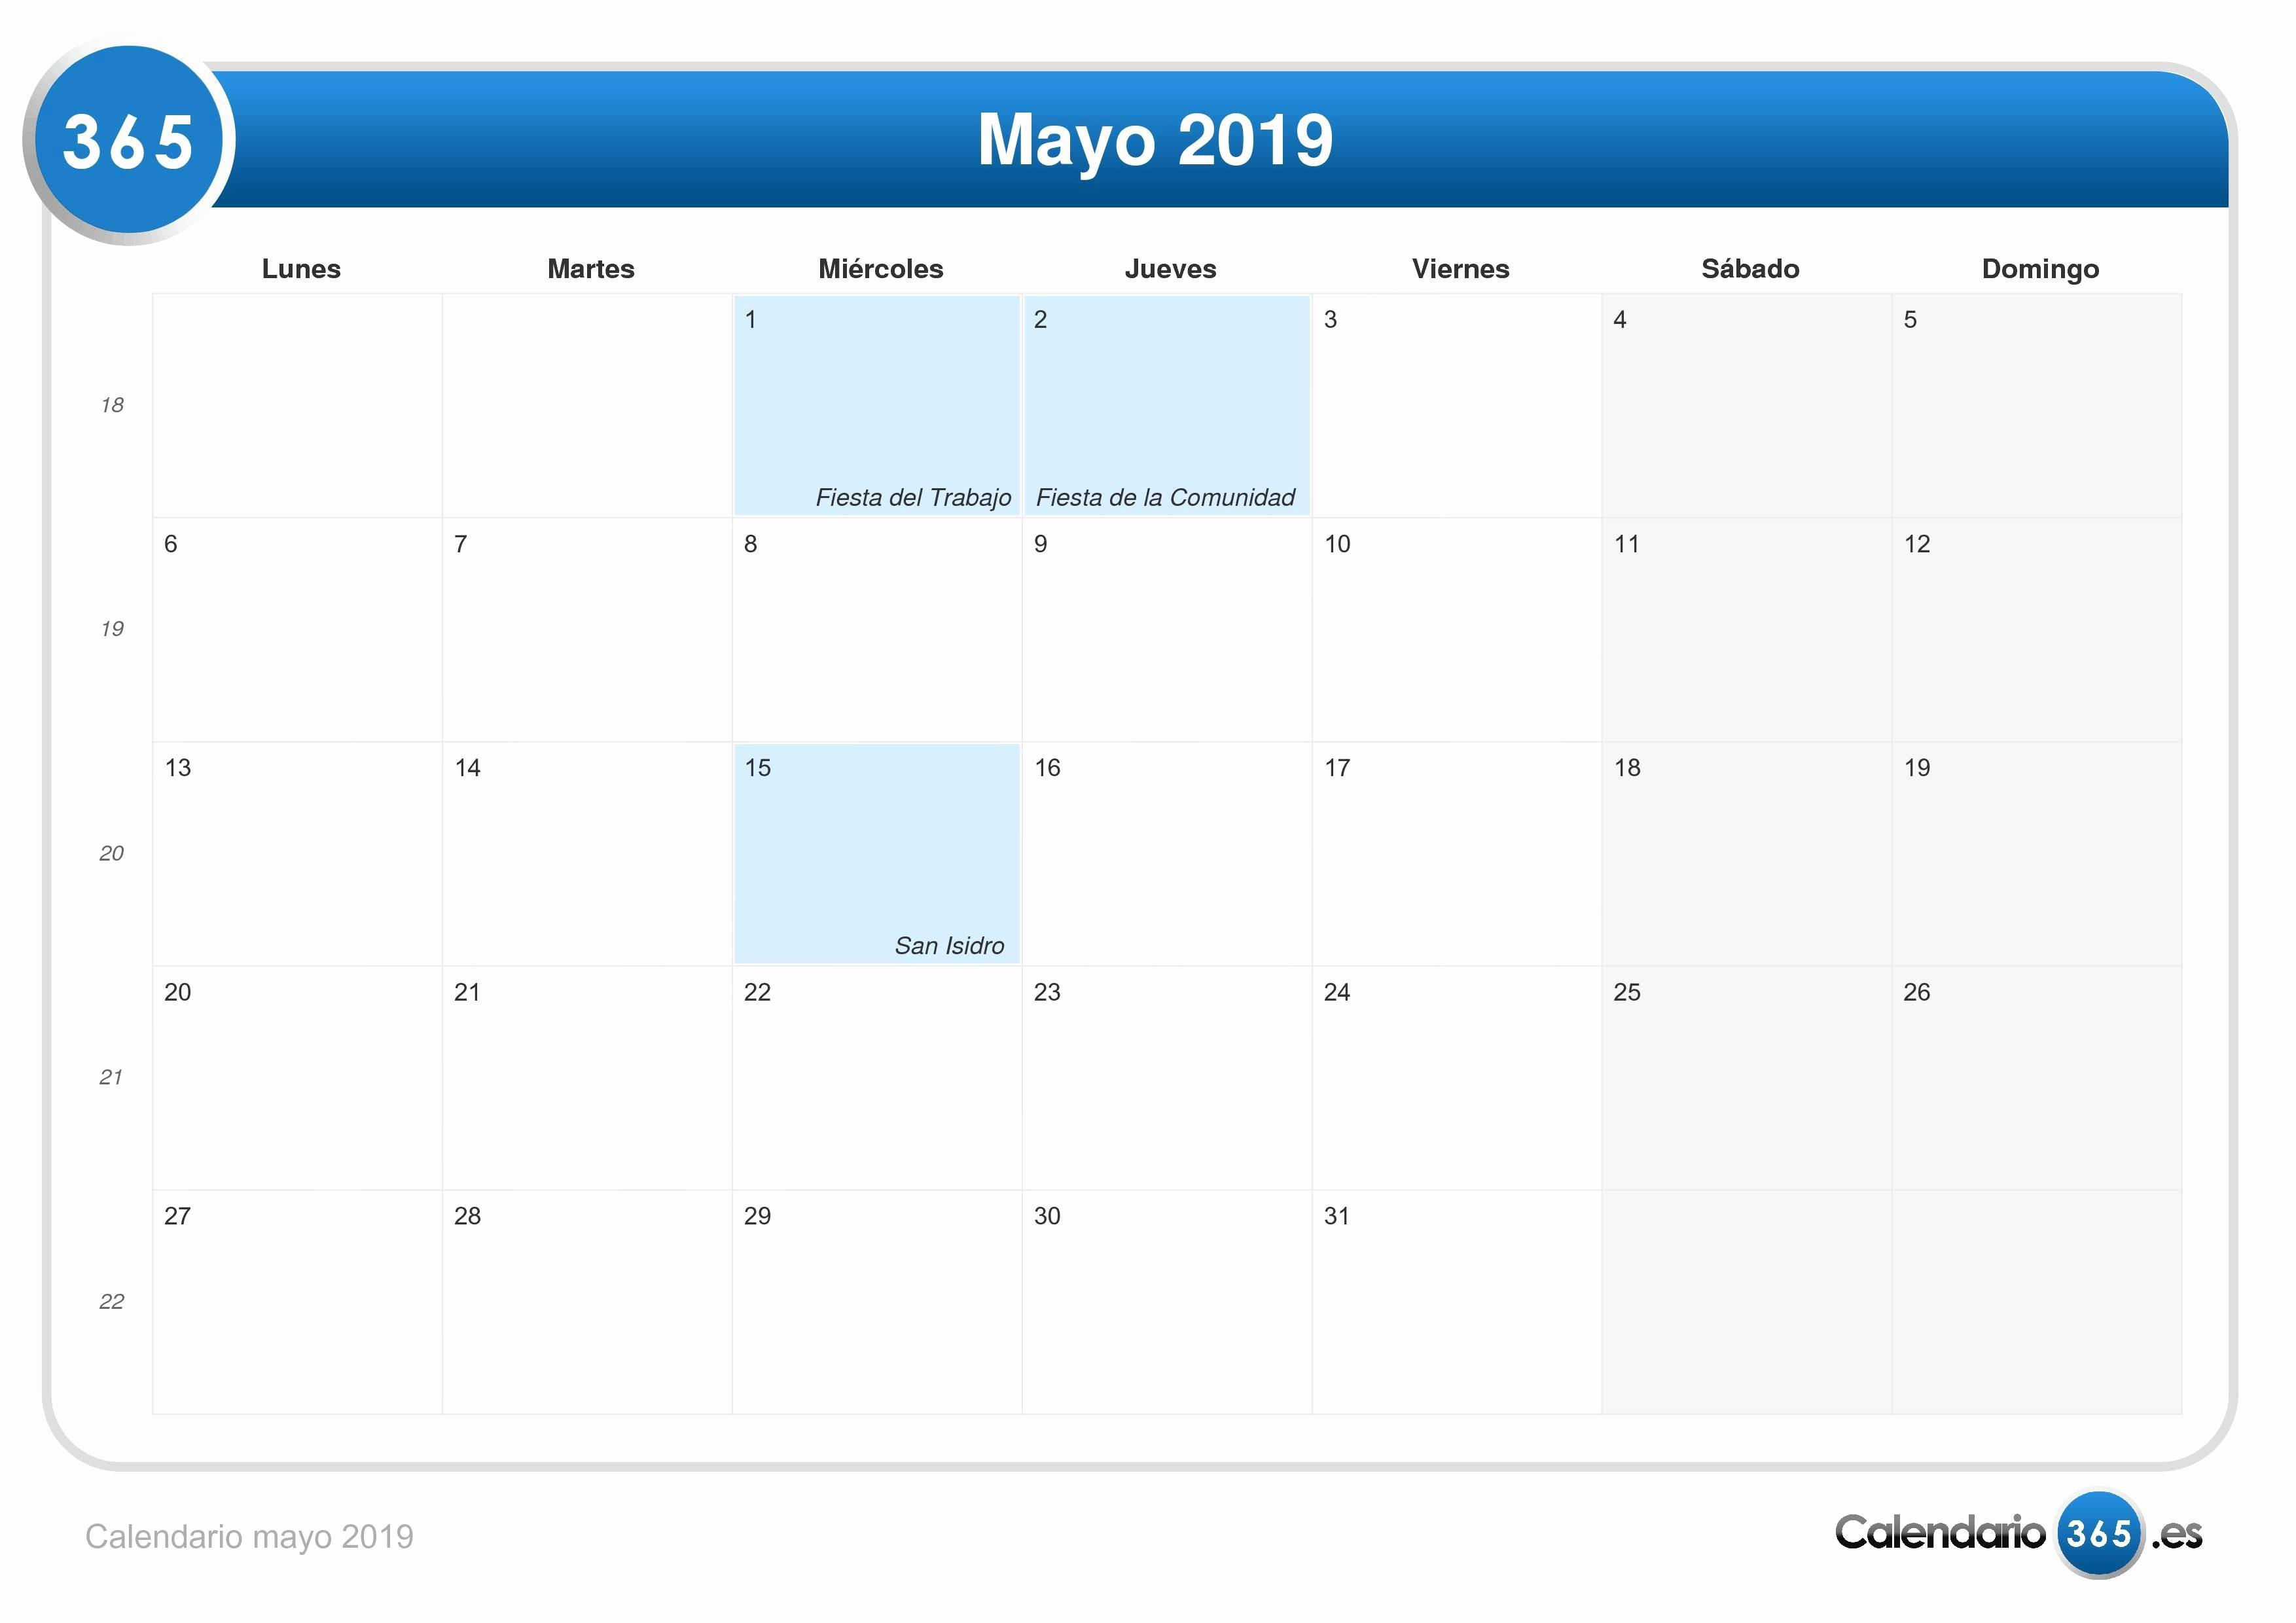 Calendario Legal Colombia 2019 Más Populares De Lujo 51 Ejemplos Festivos 2019 Of Calendario Legal Colombia 2019 Más Populares Calendario Dr 2019 Calendario Argentina Ano 2019 Feriados